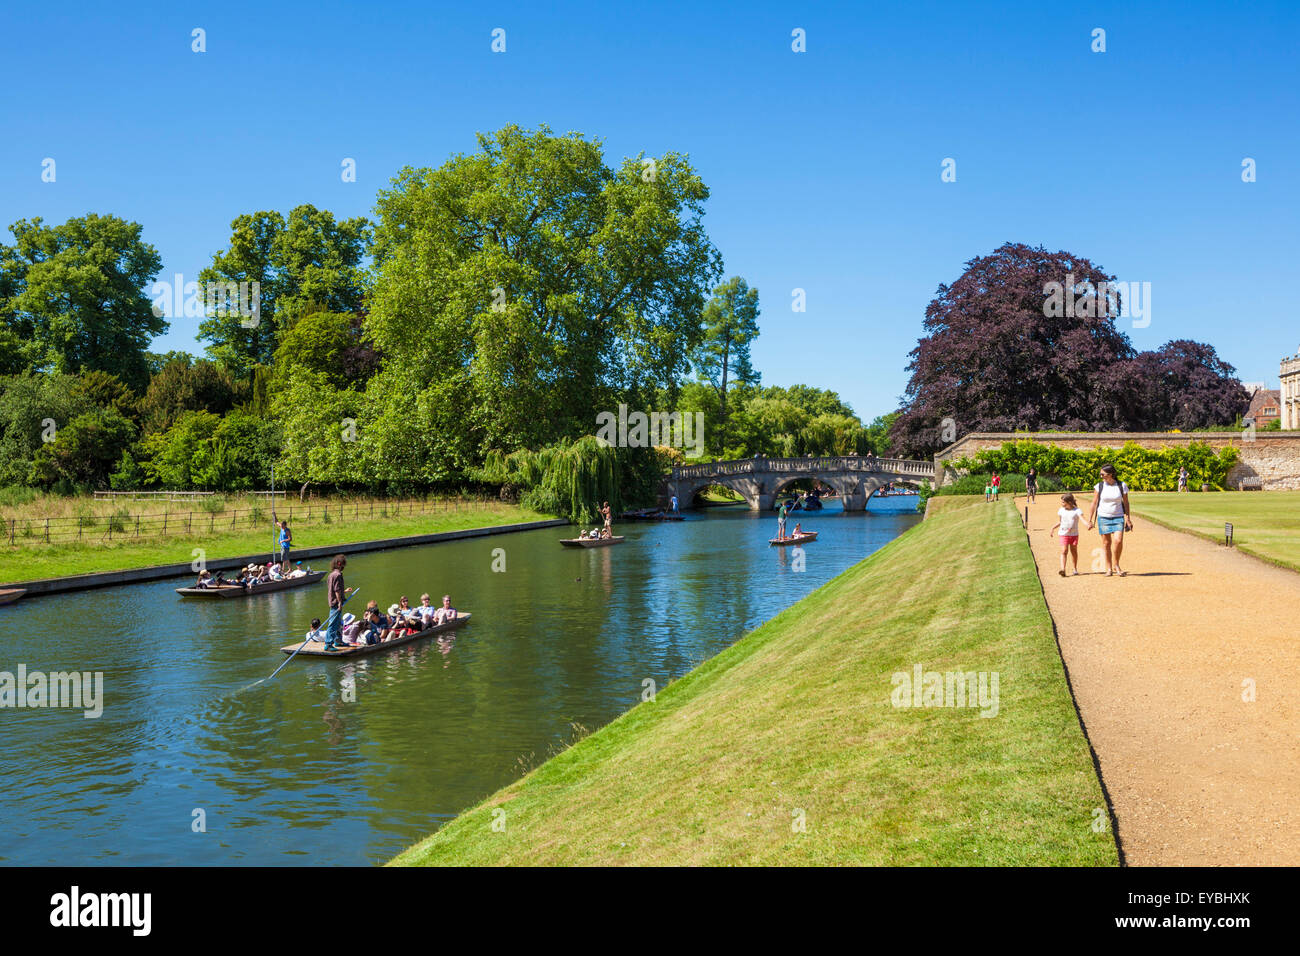 Punting on the River cam Cambridge Cambridgeshire England UK GB EU Europe - Stock Image